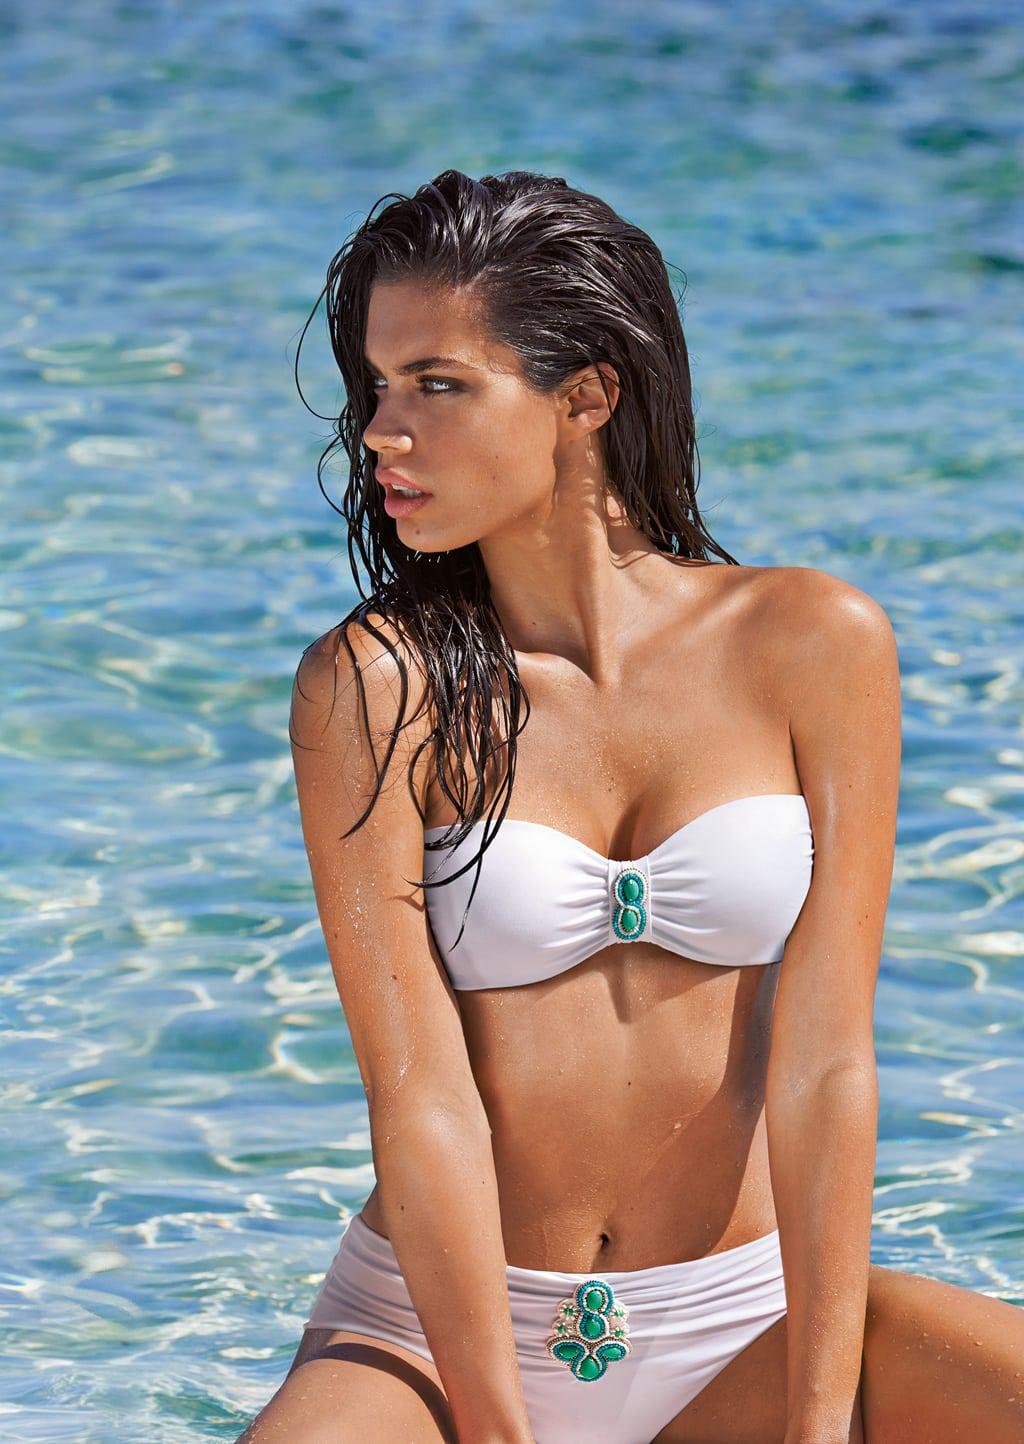 Calzedonia bikini Cannes